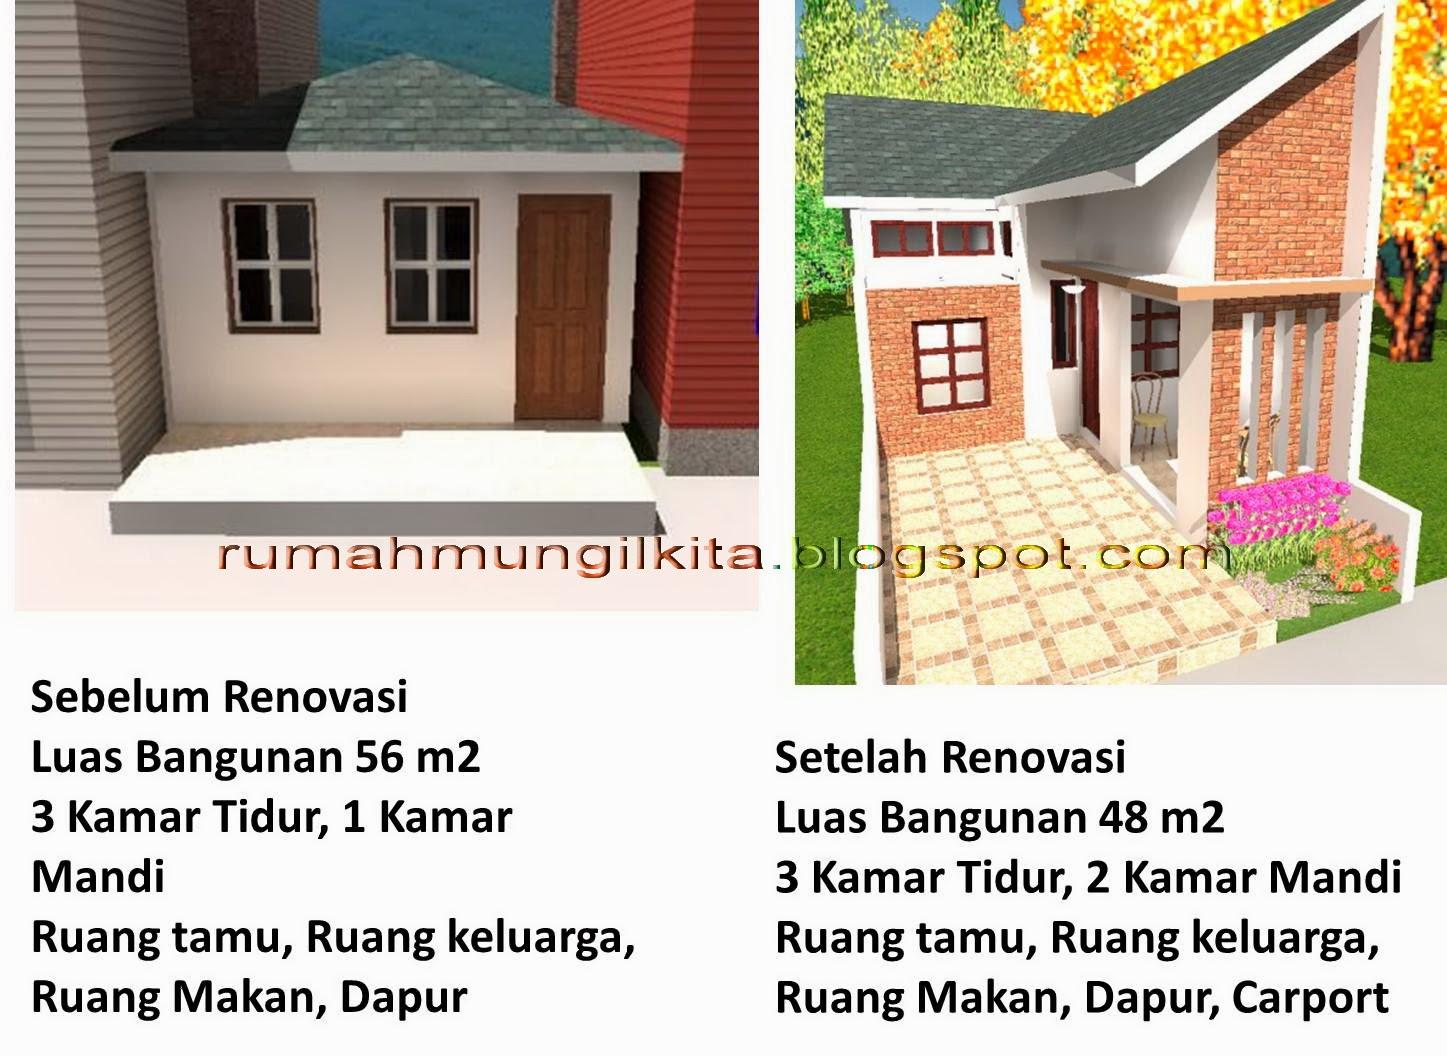 Perbandingan Rumah Sebelum dan Setelah Direnovasi